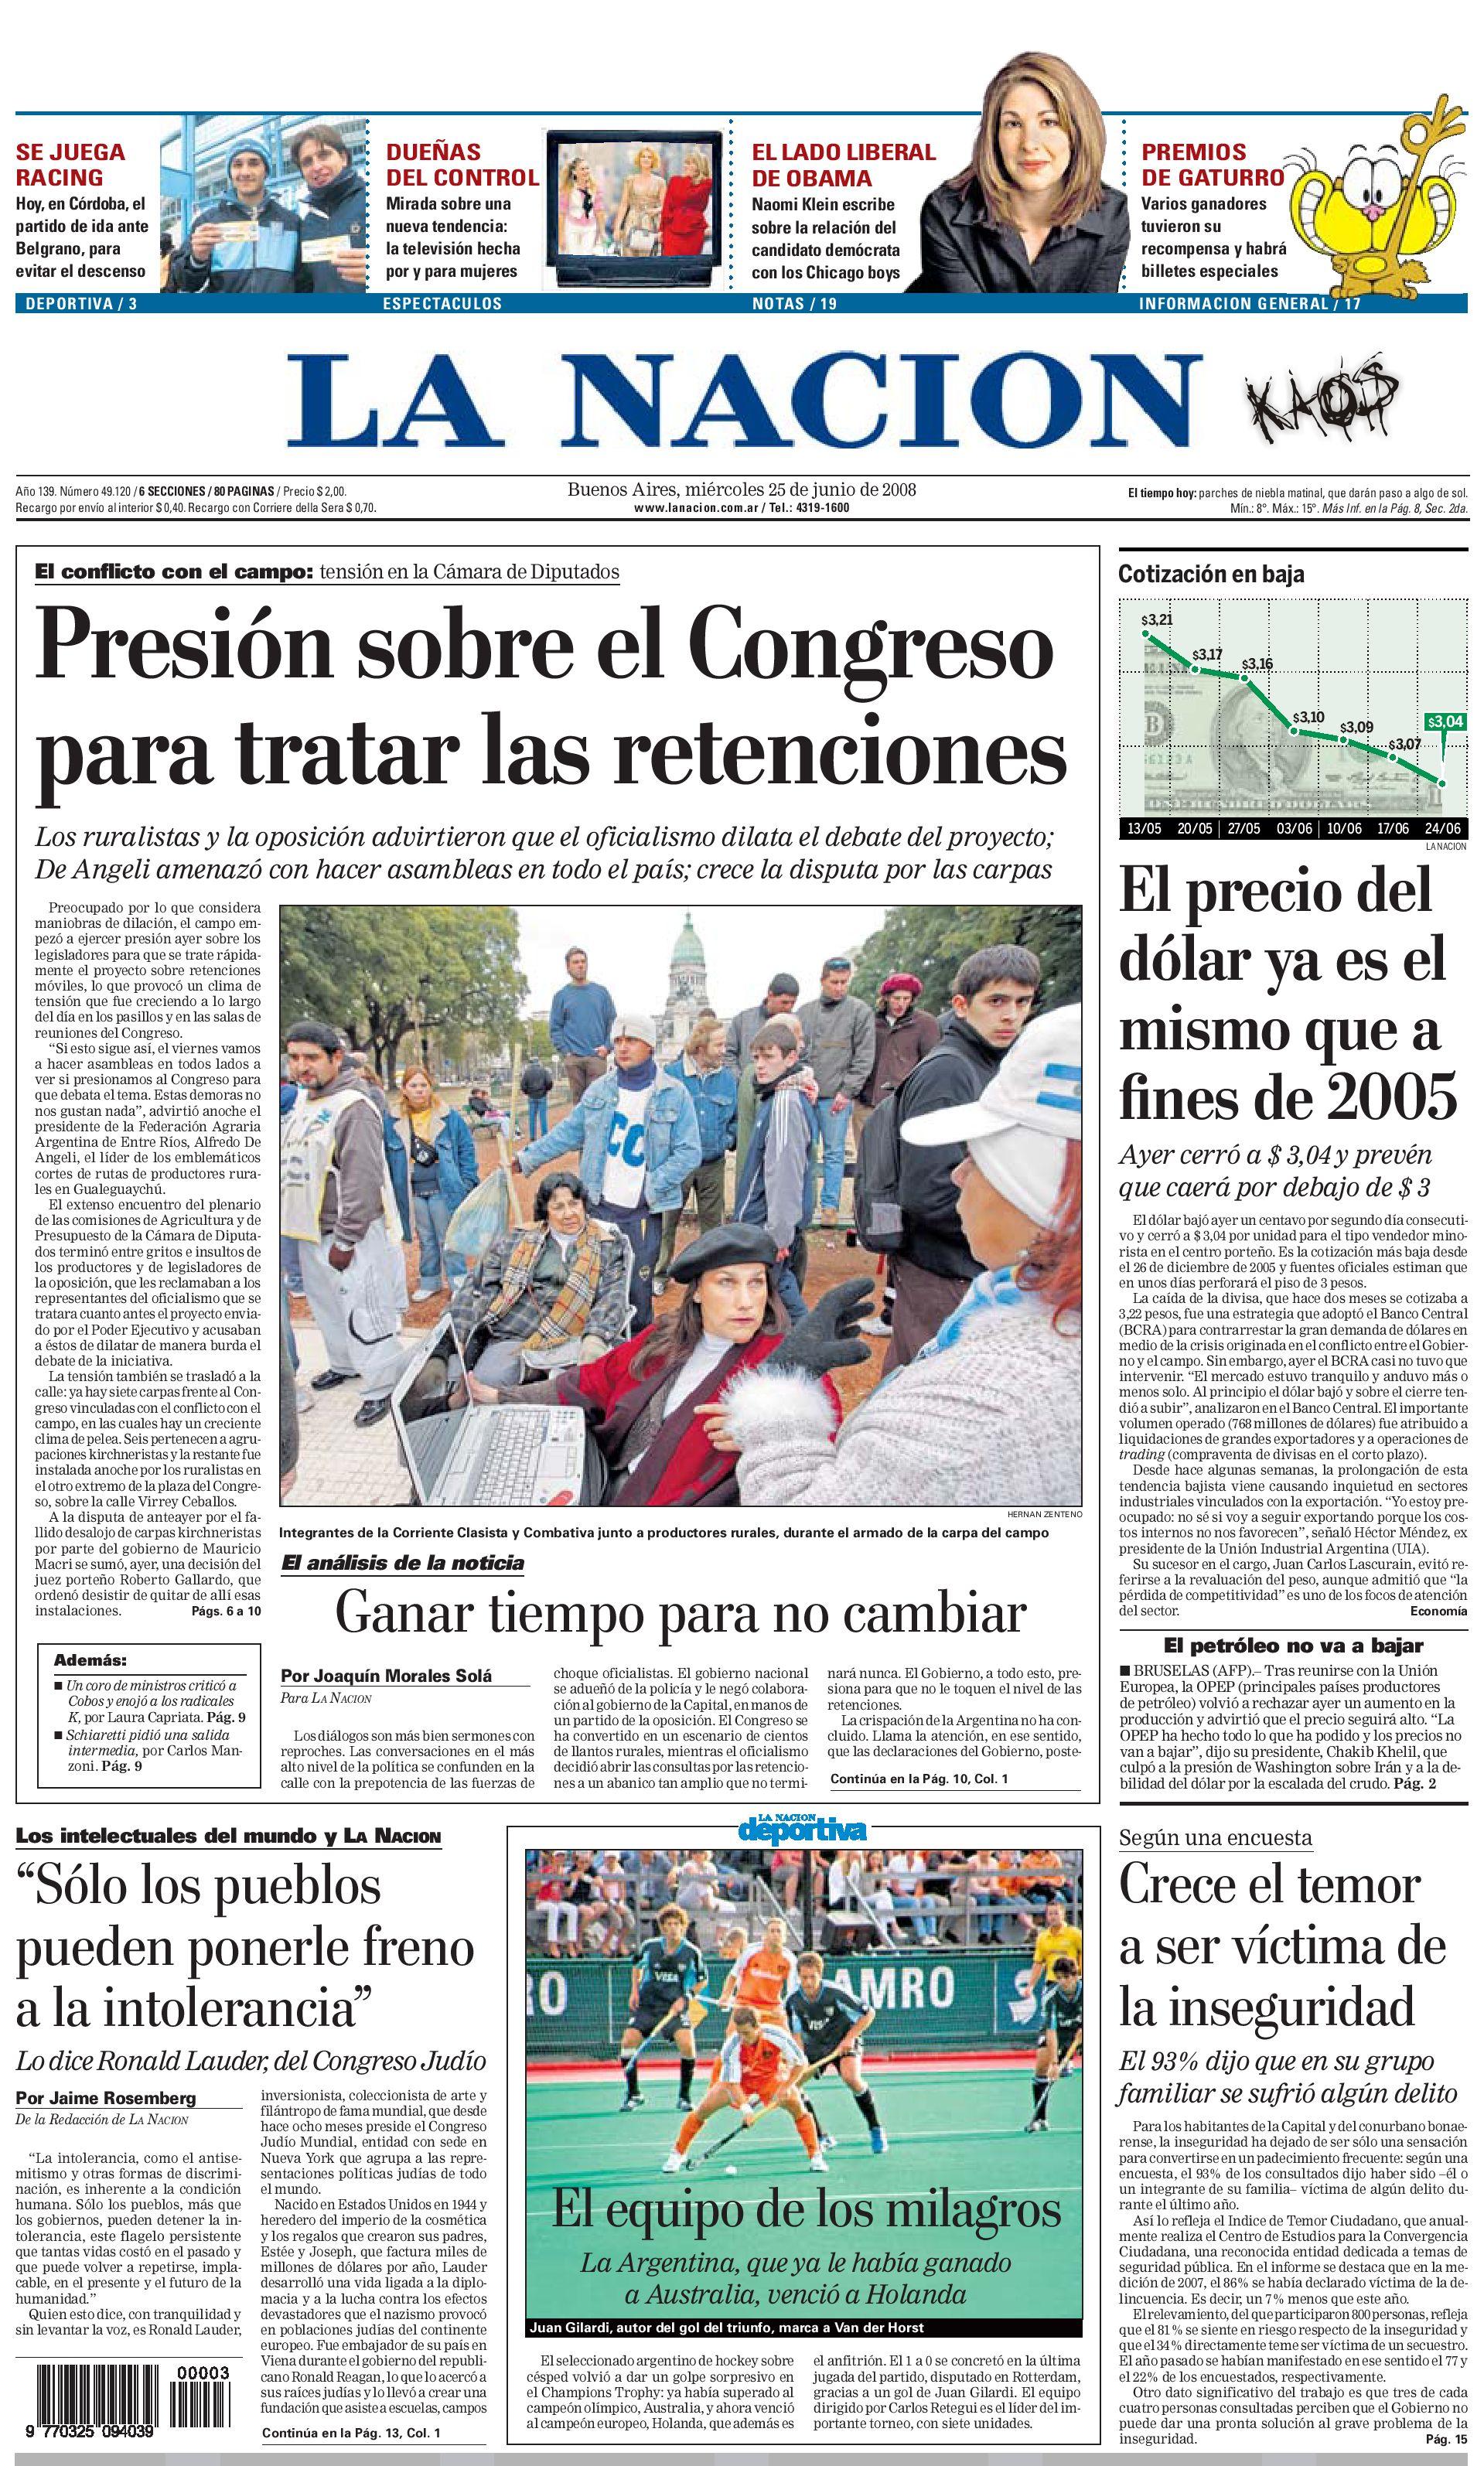 Diario La Nacion Argentina by Teresa Elguer - issuu ea129ec02581d